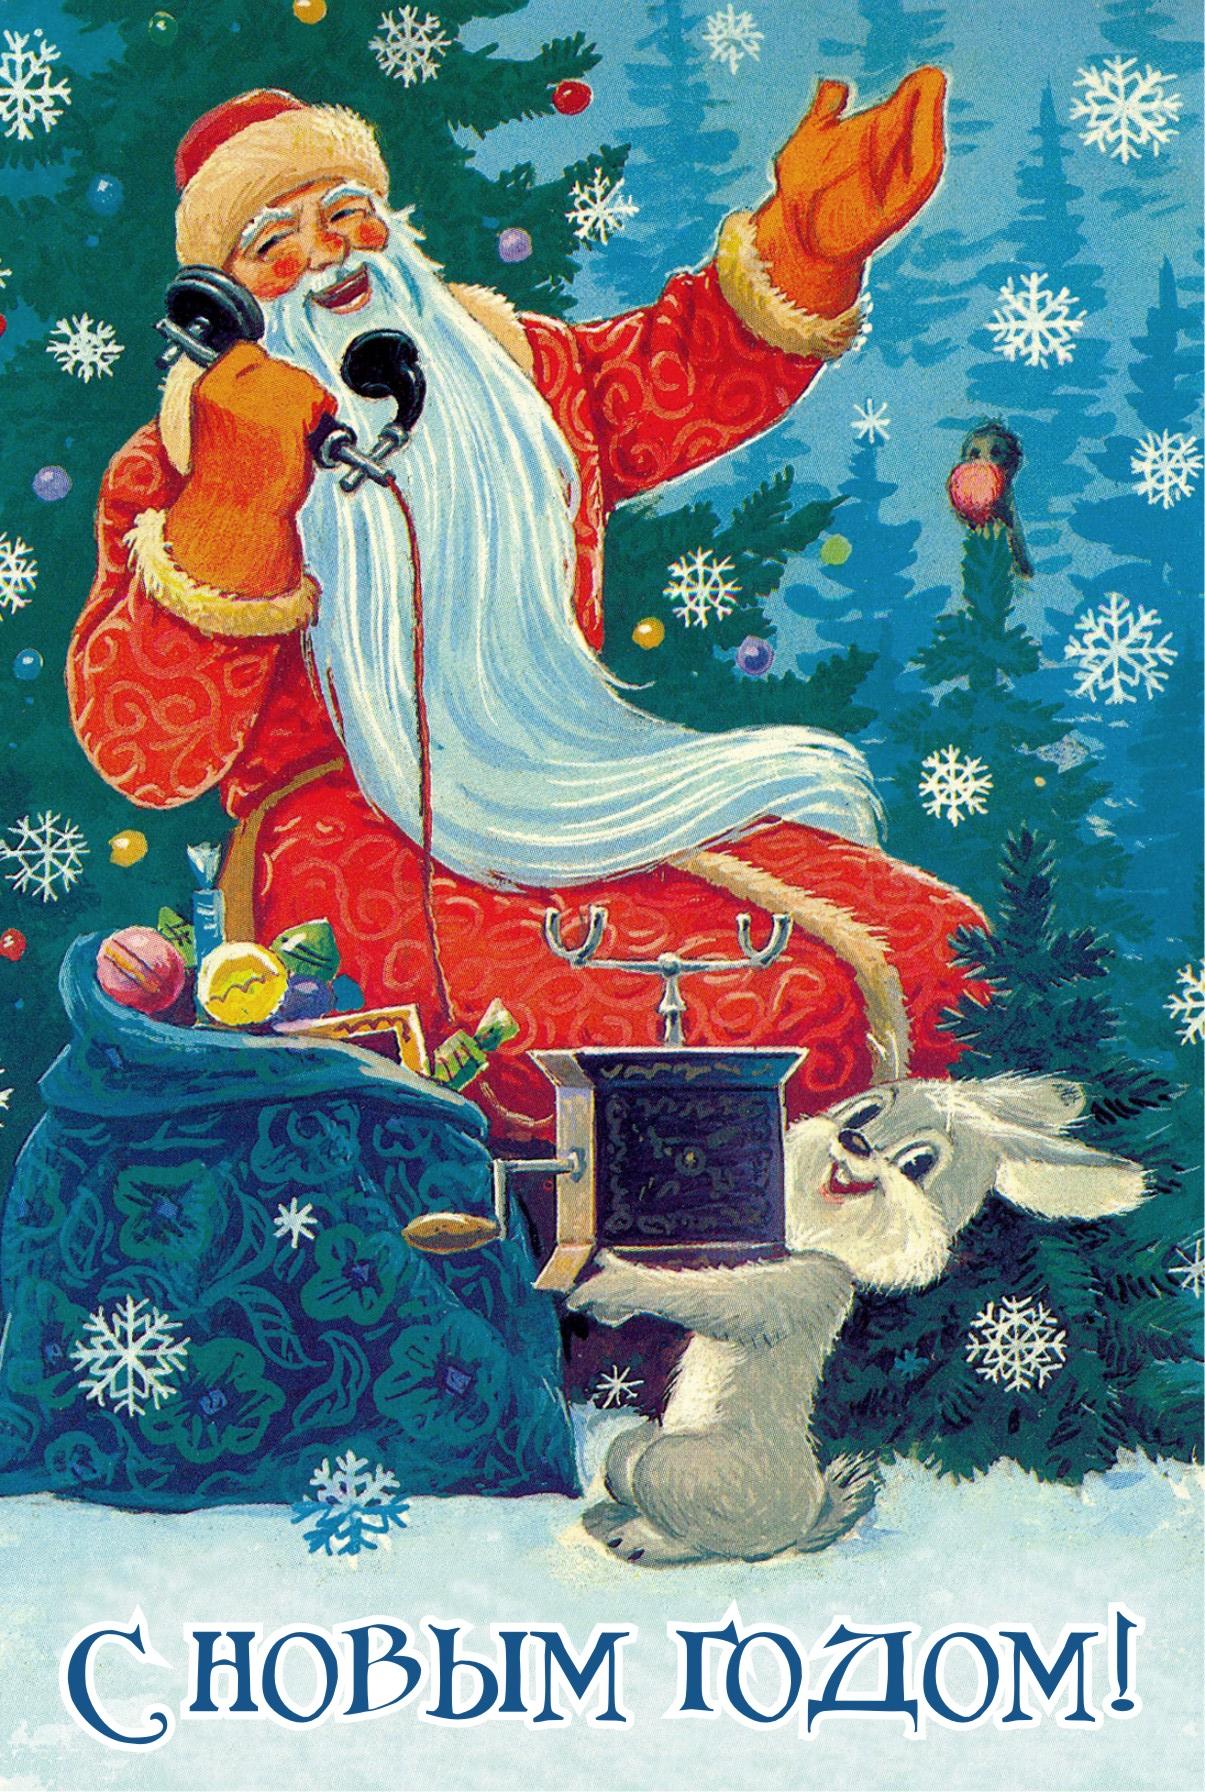 Дед мороз на советских открытках